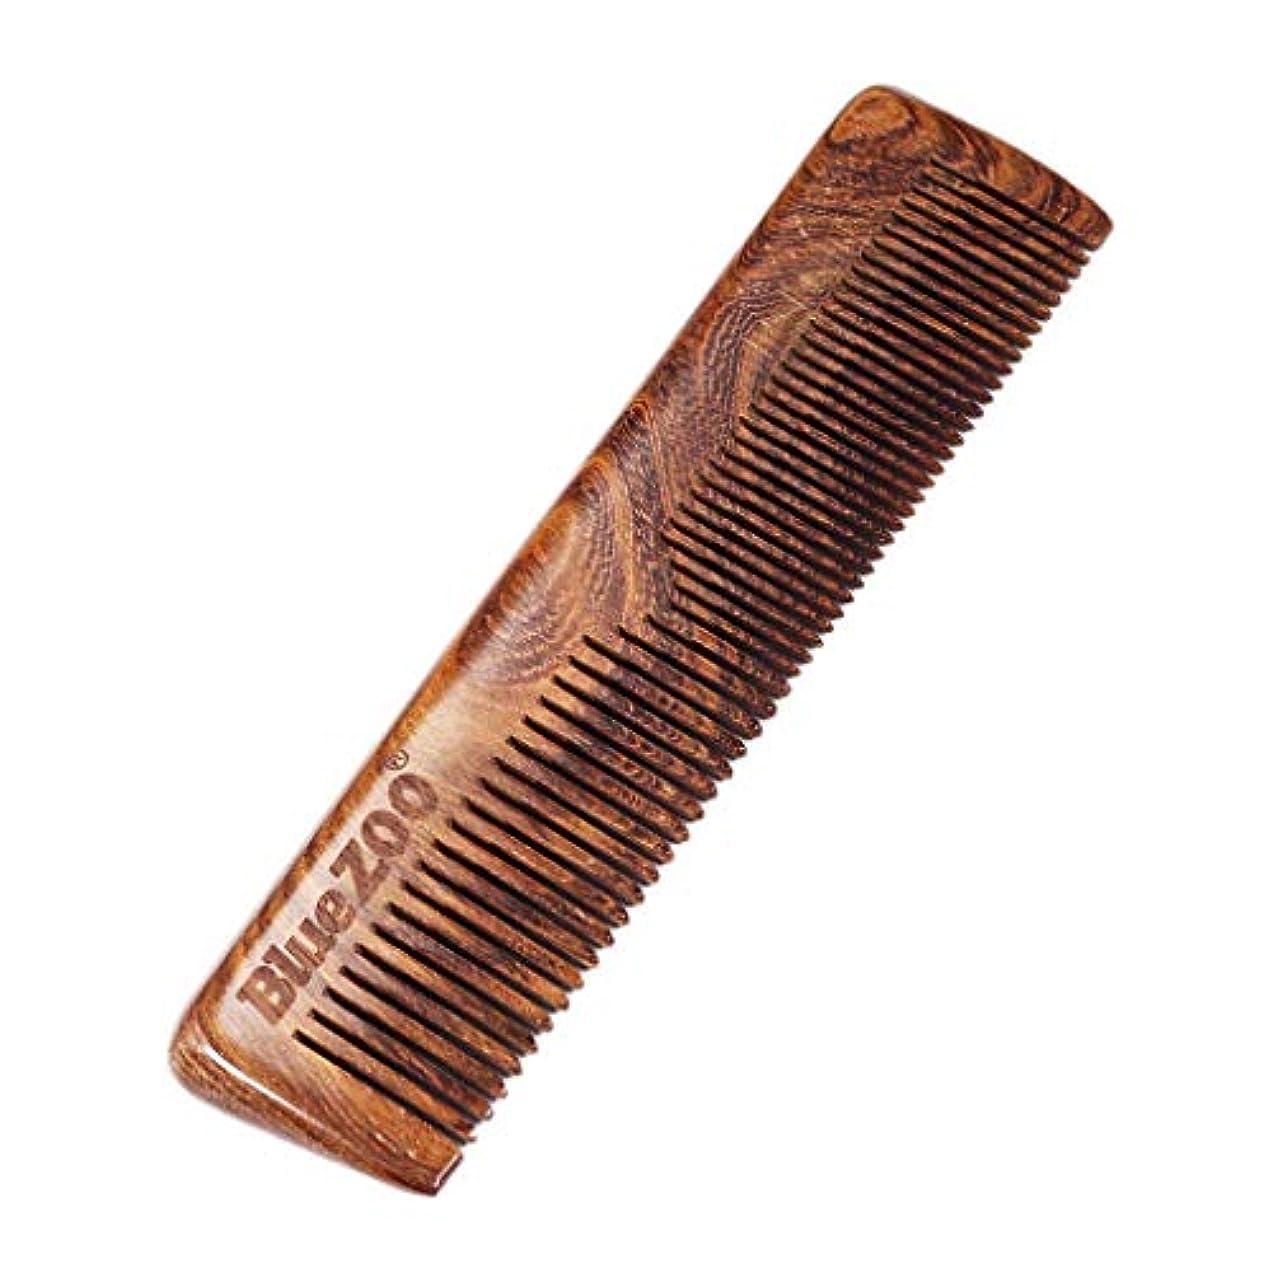 する必要があるセンチメンタルバウンスポータブル 木製櫛 ウッドコーム 帯電防止 ビアードコーム プレゼント